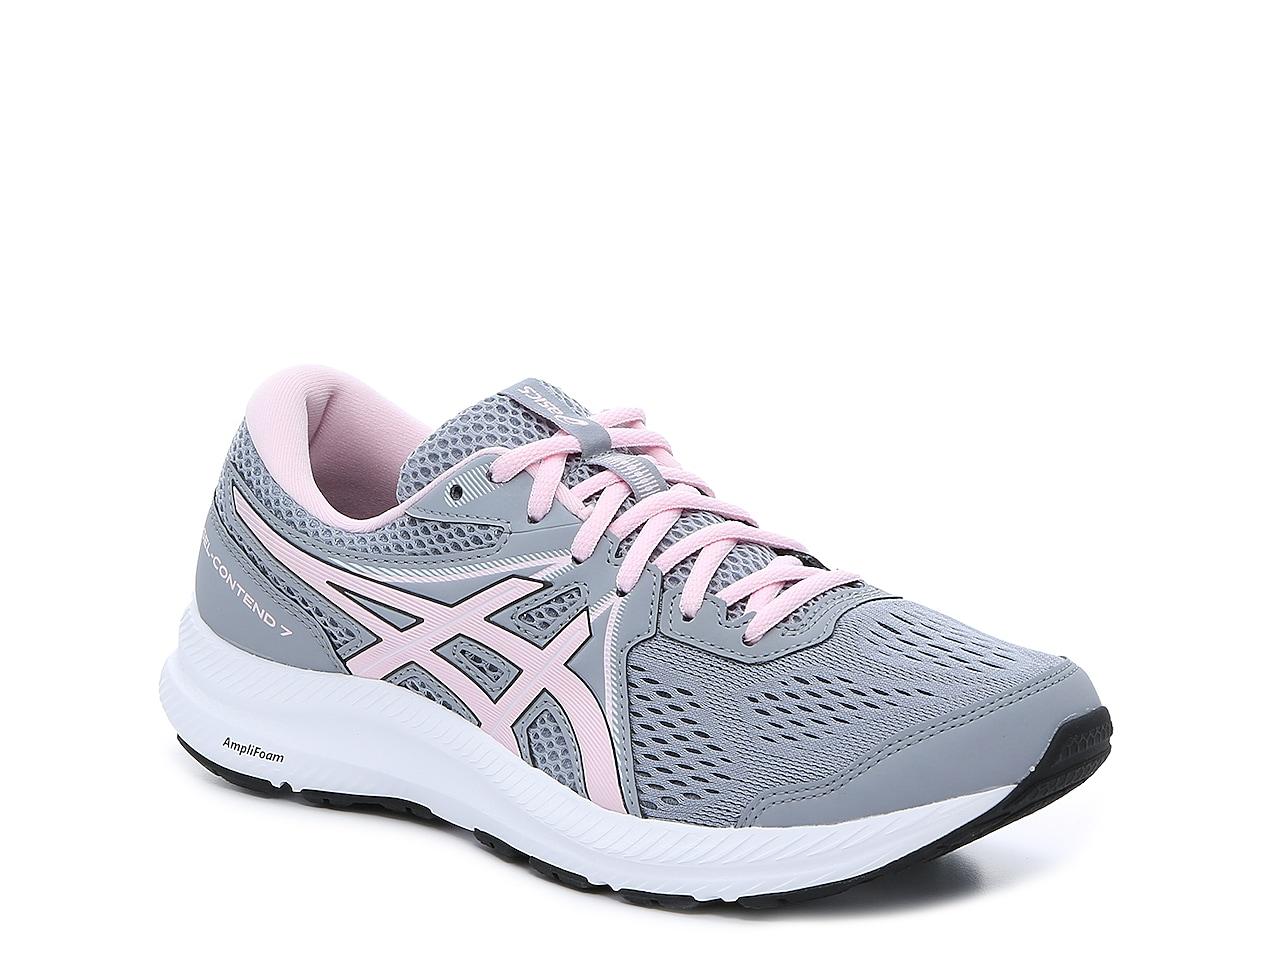 ASICS GEL-Contend 7 Running Shoe - Women's